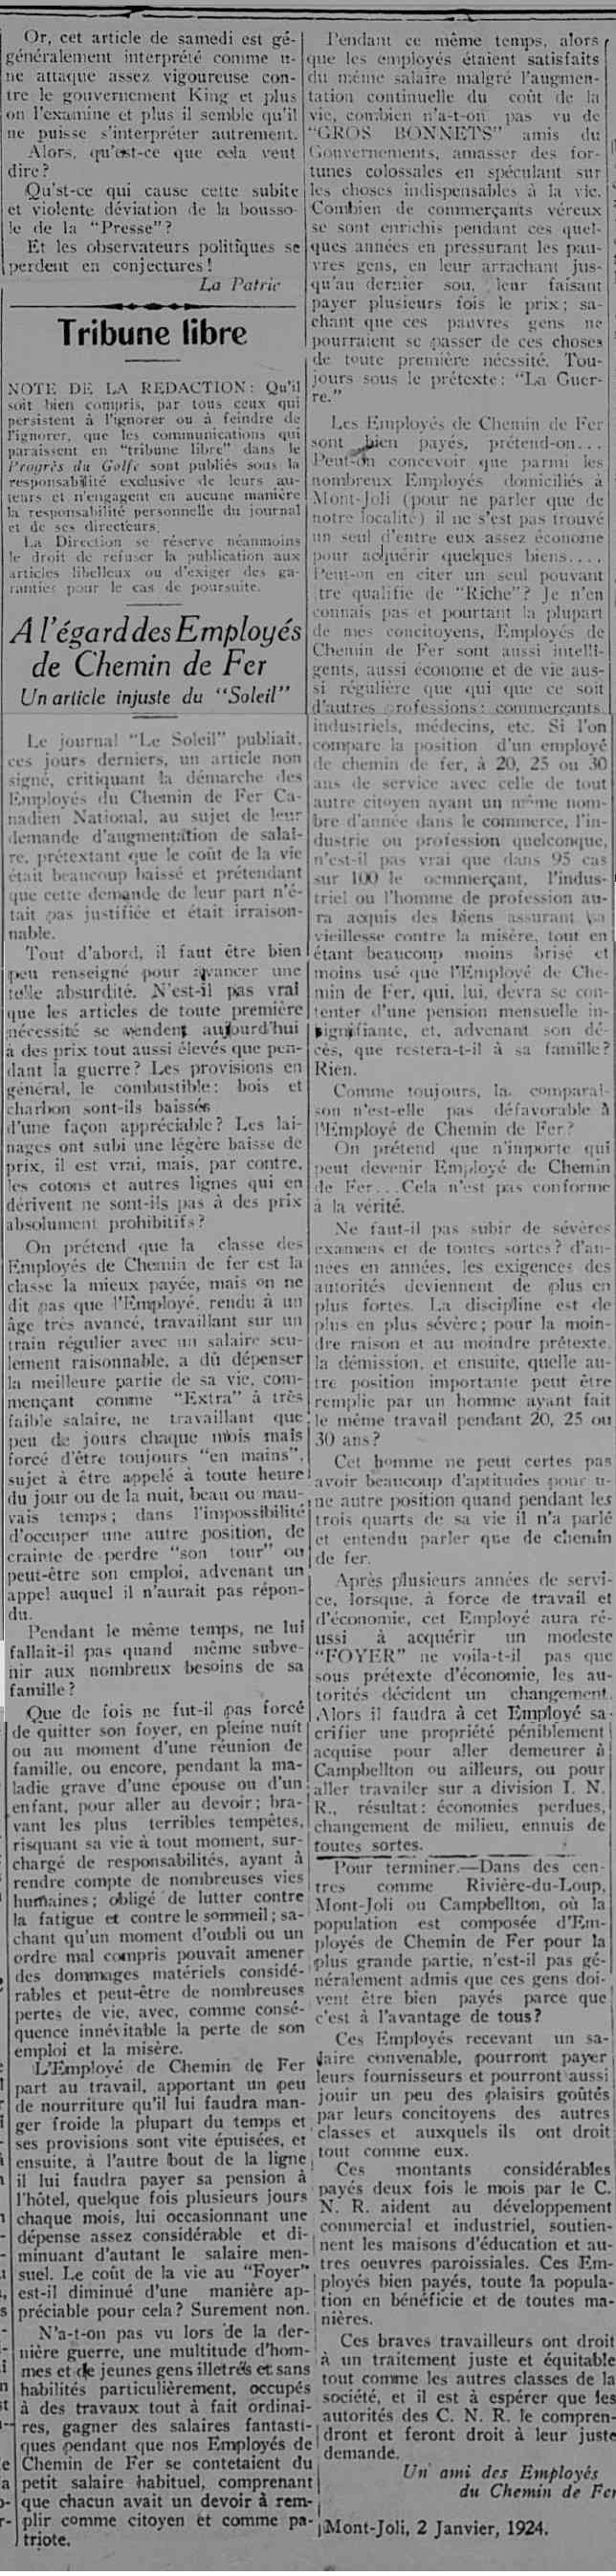 Ulric Germain pendu en 1927 à Rimouski pour le meurtre de son épouse Employ10